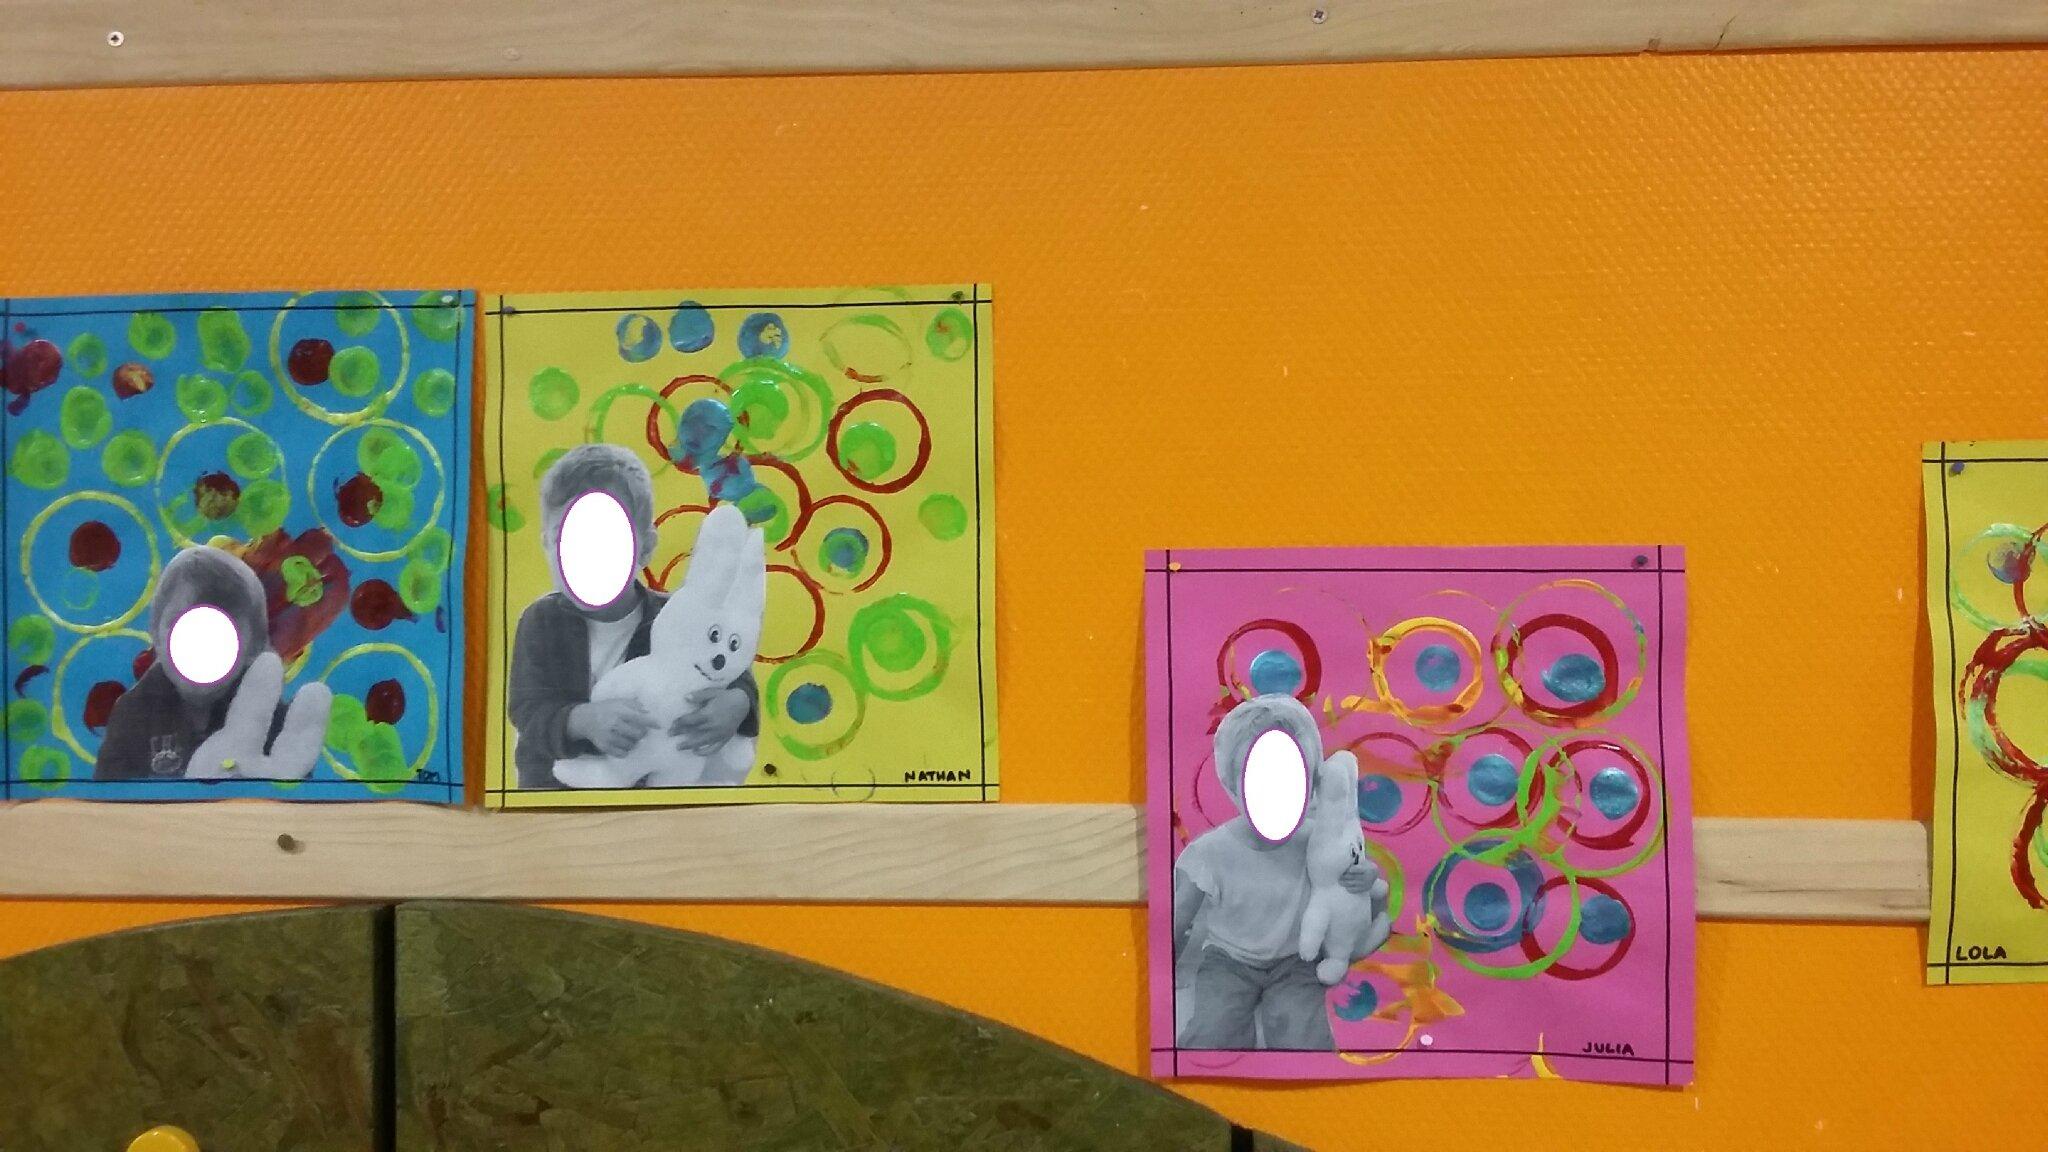 Portemanteaux petite section la classe des petits - Decoration classe petite section ...